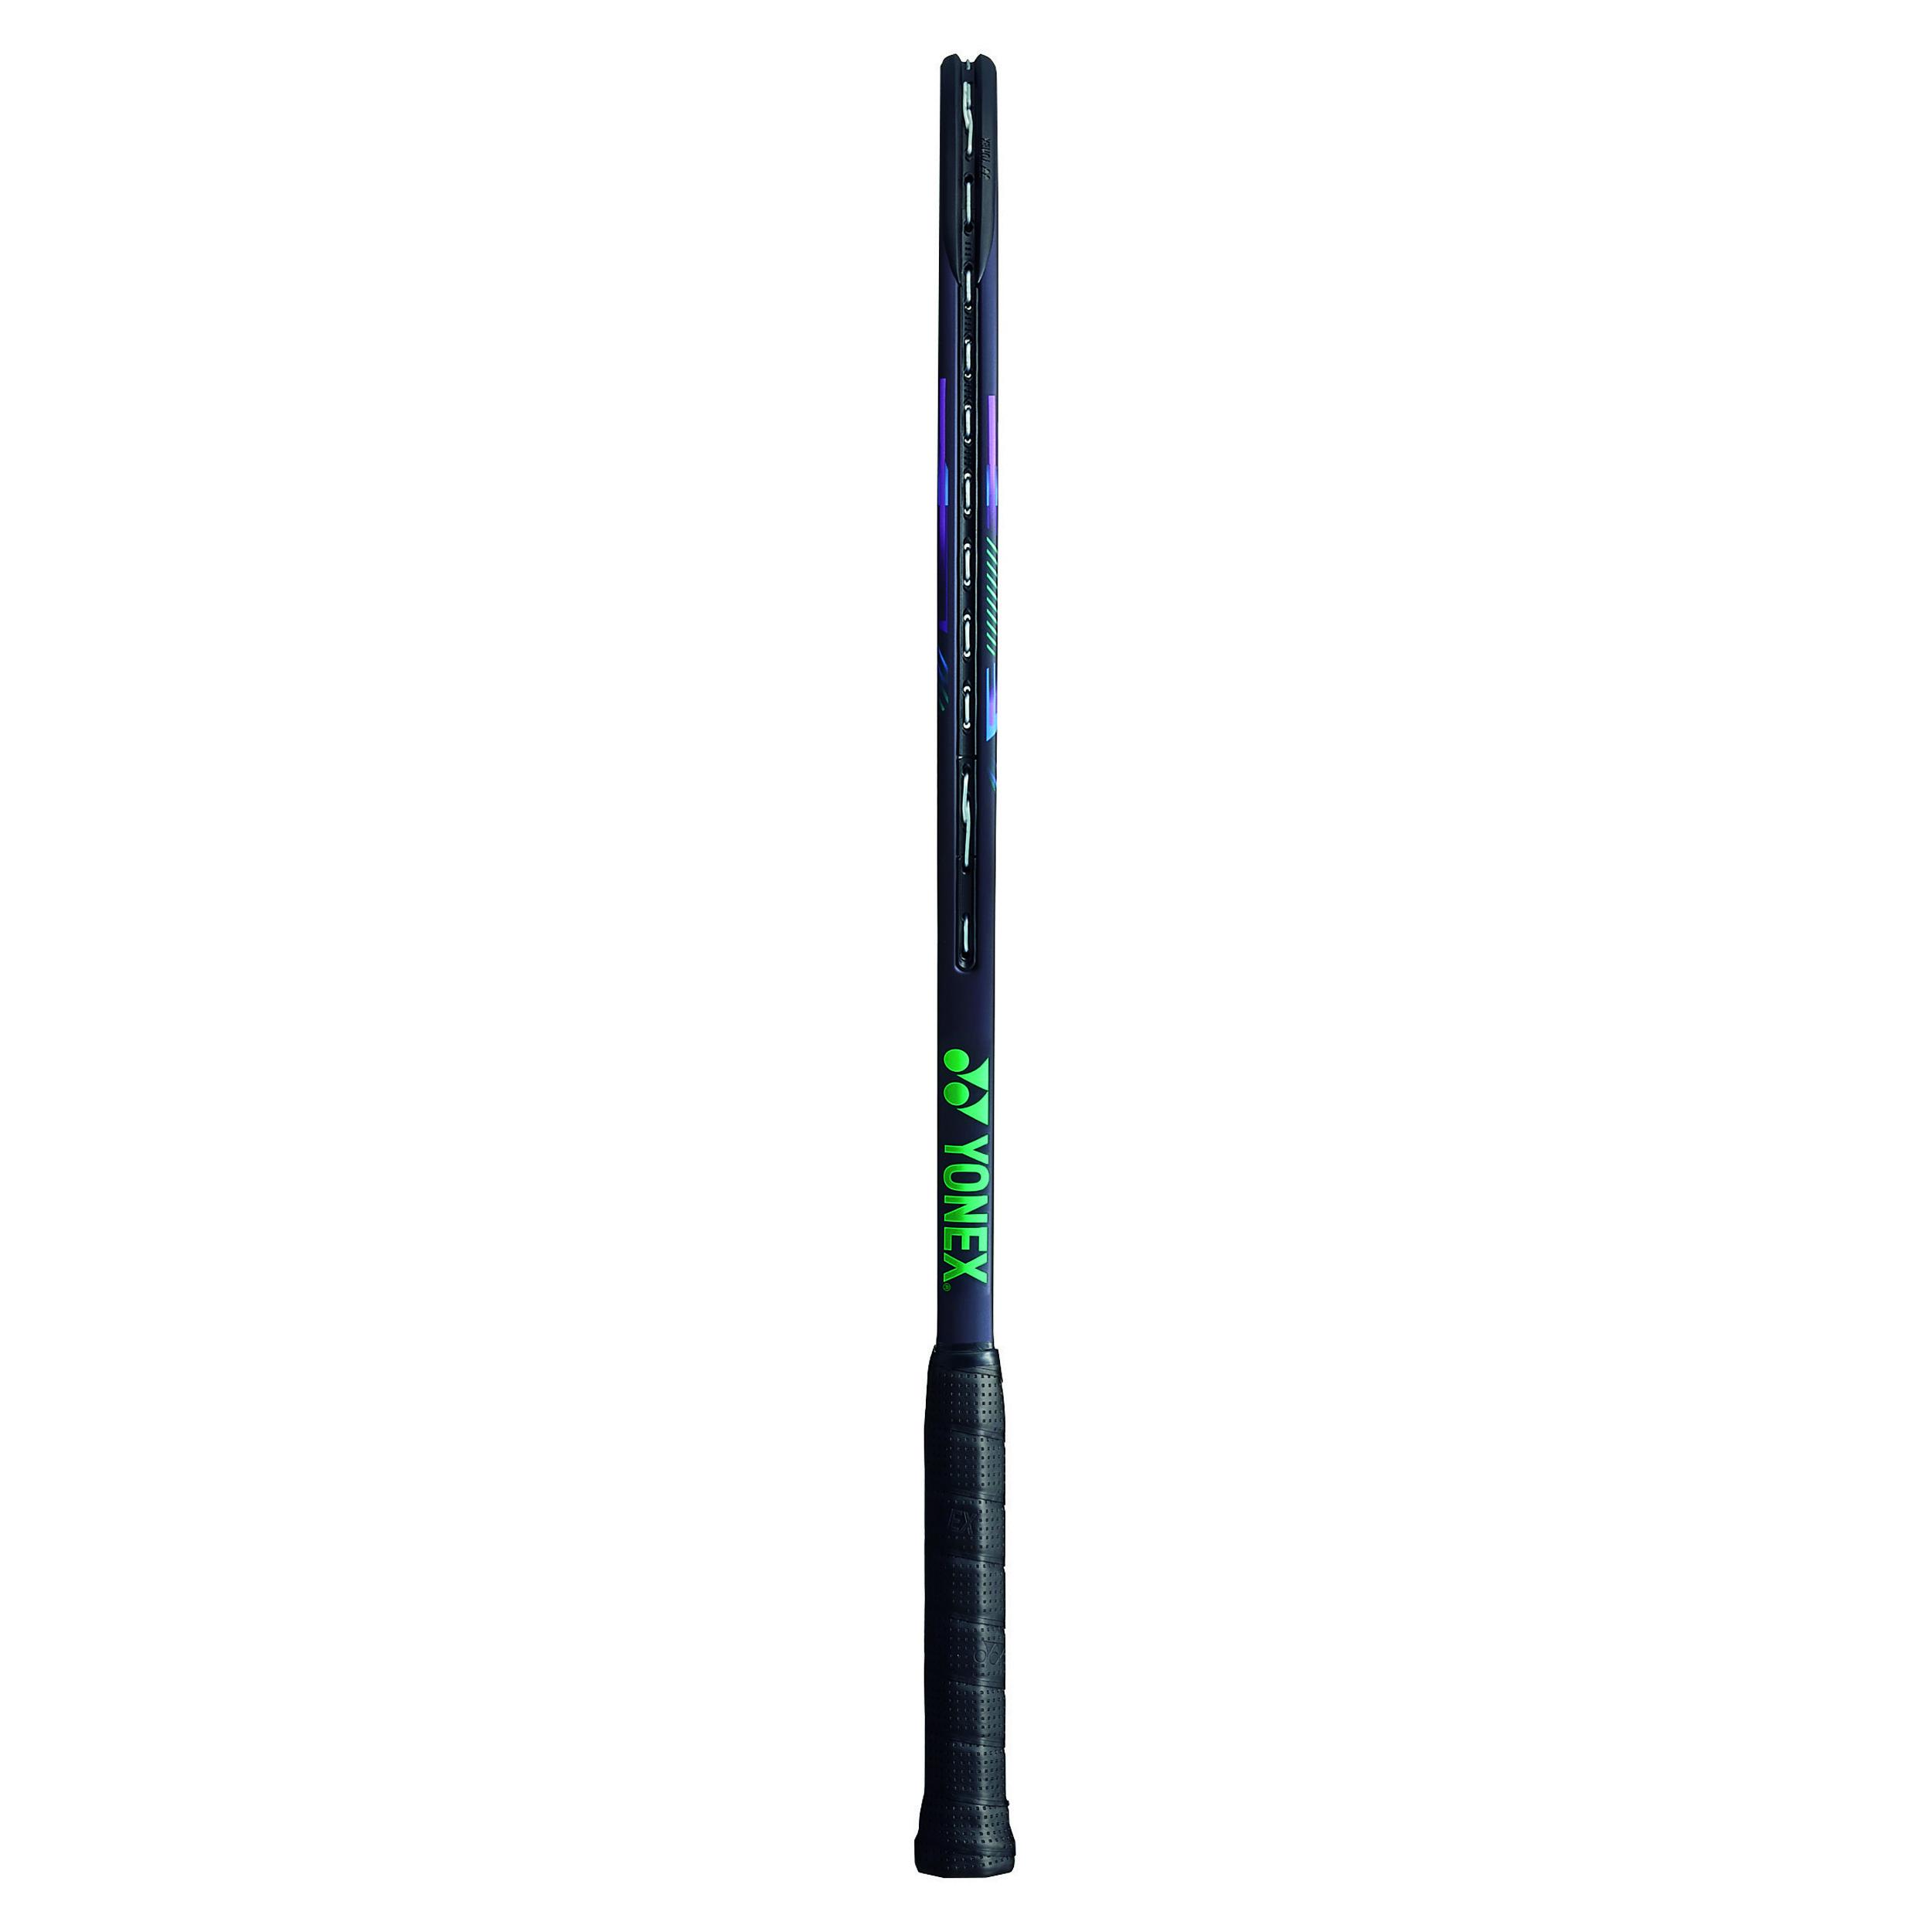 Yonex Vcore Pro 97L 290g Tennis Racquet 2021